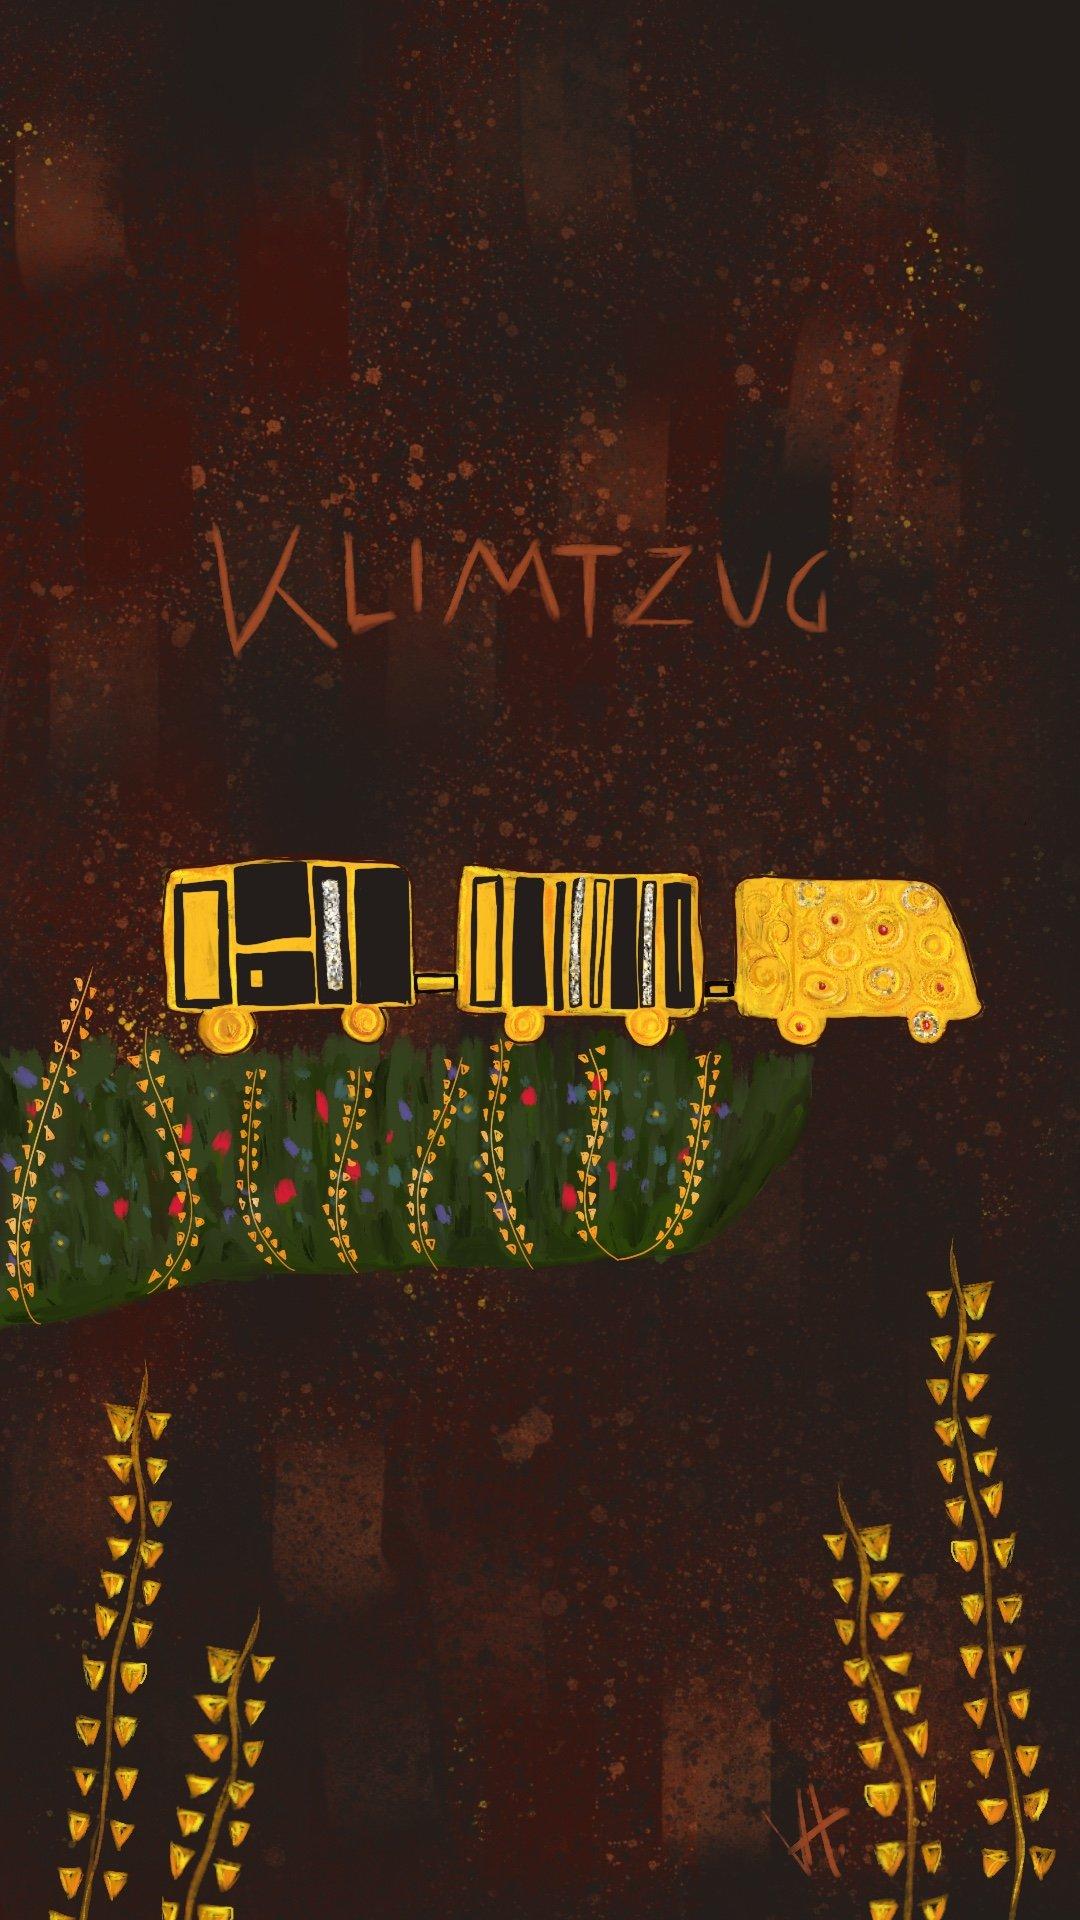 Klimtzug